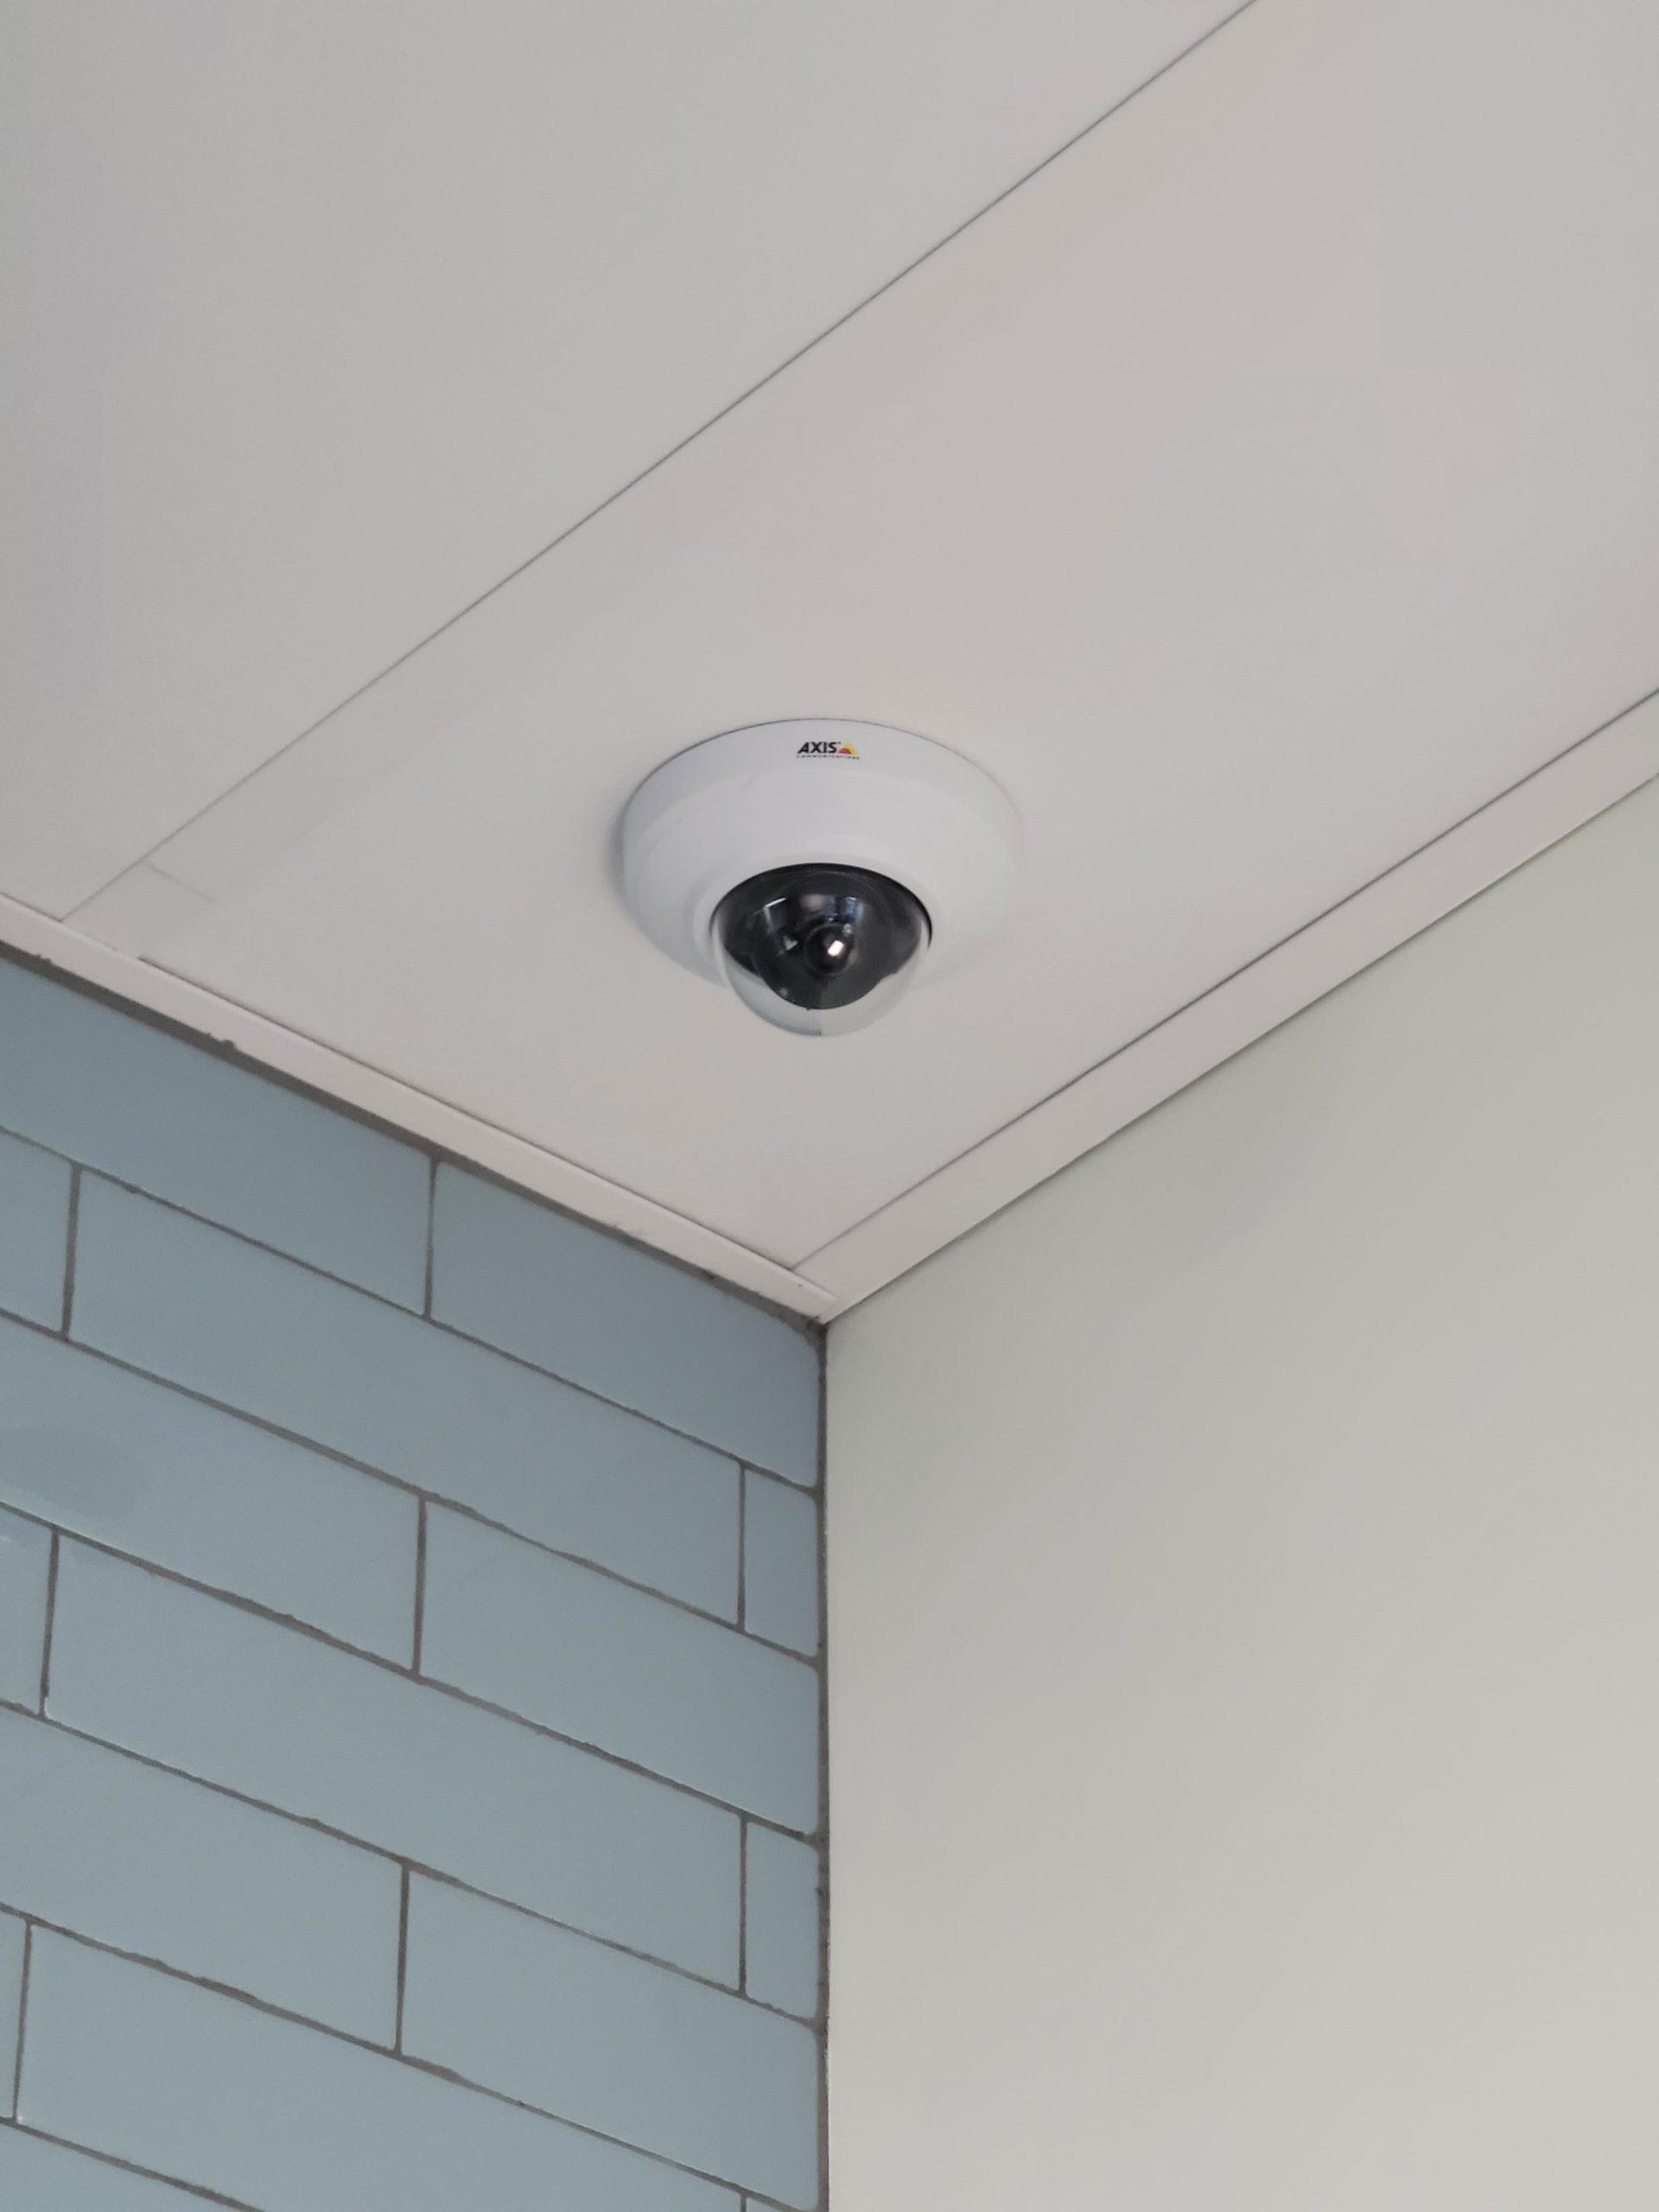 4MP IP Camera Installation